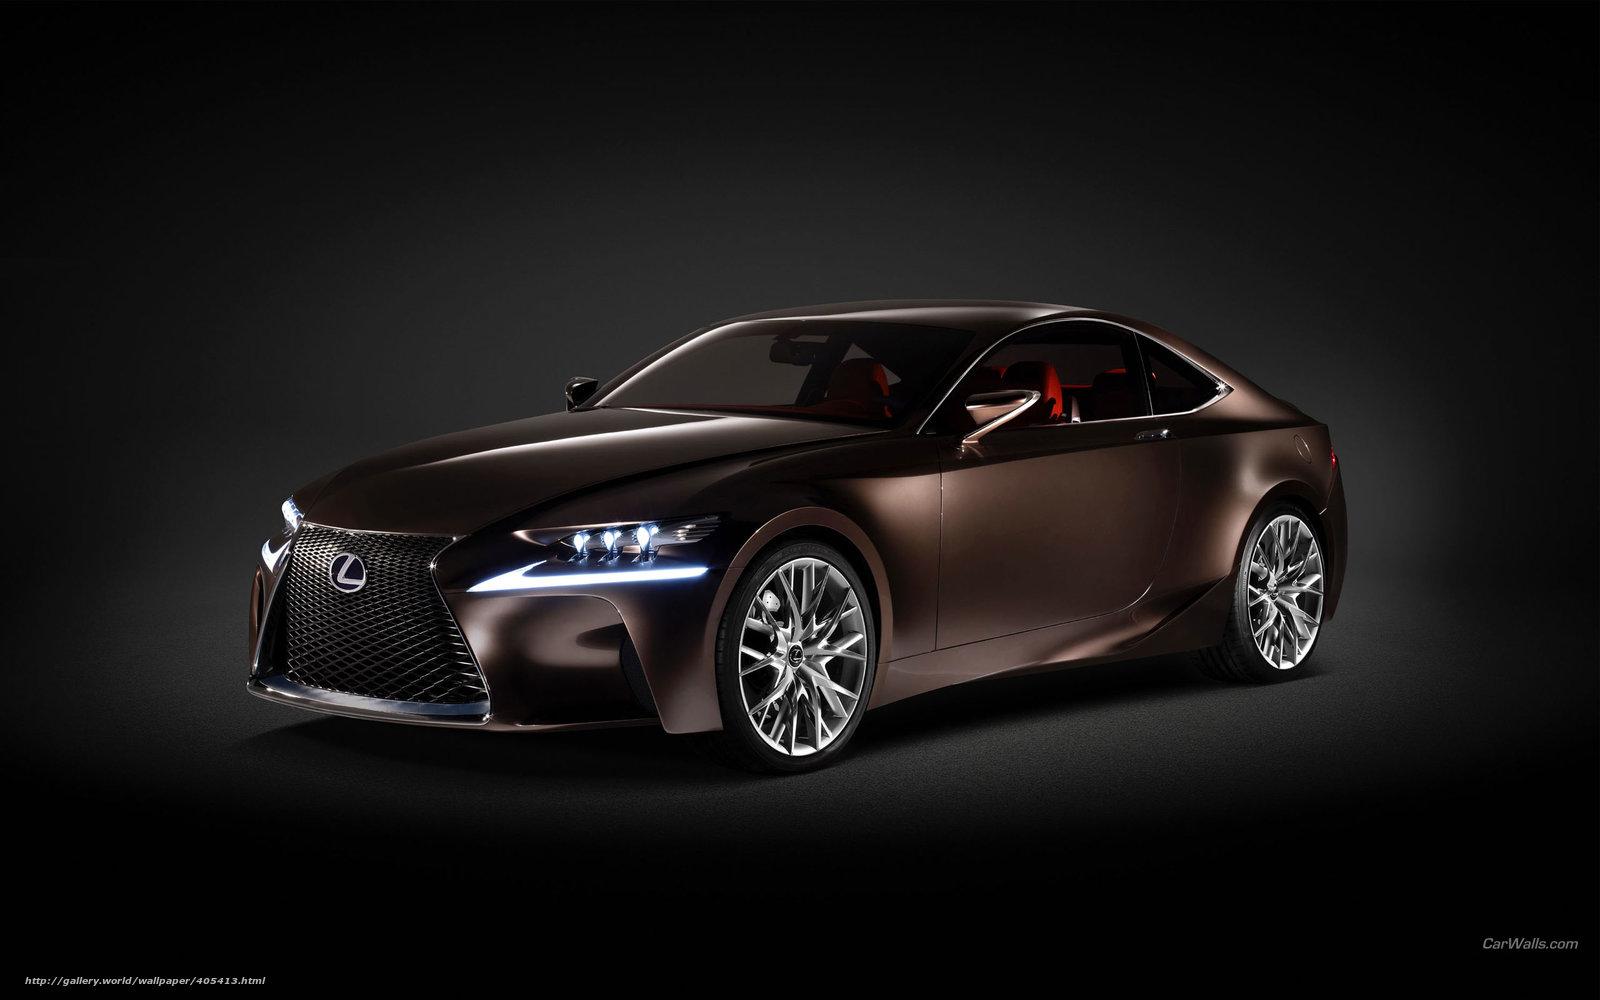 Скачать обои Lexus,  LFA,  авто,  машины бесплатно для рабочего стола в разрешении 2560x1600 — картинка №405413